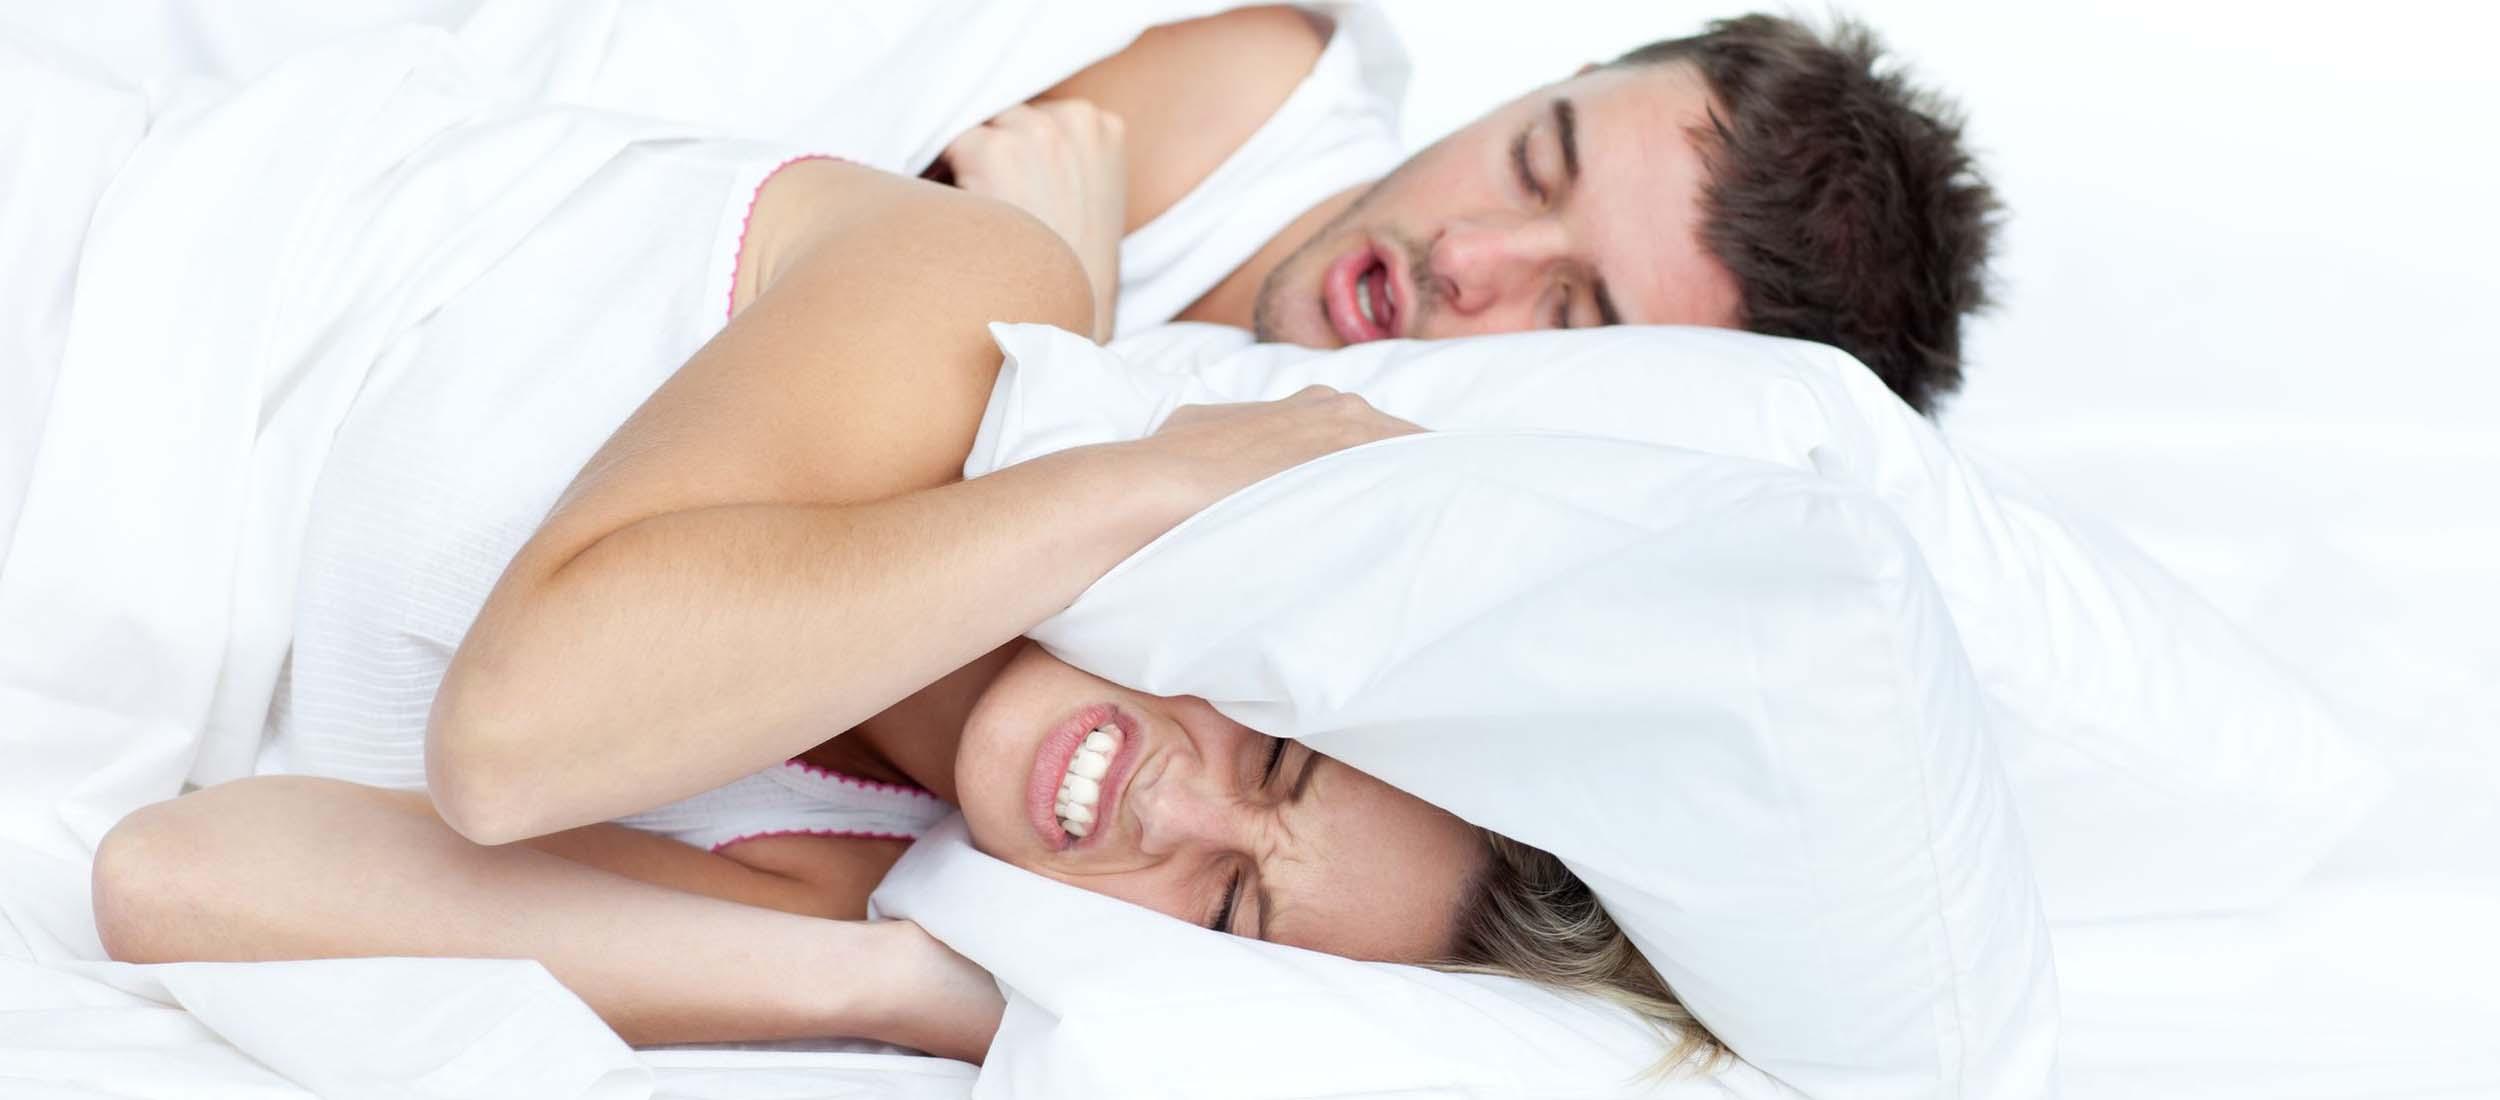 minzione notturna frequente apnea notturna